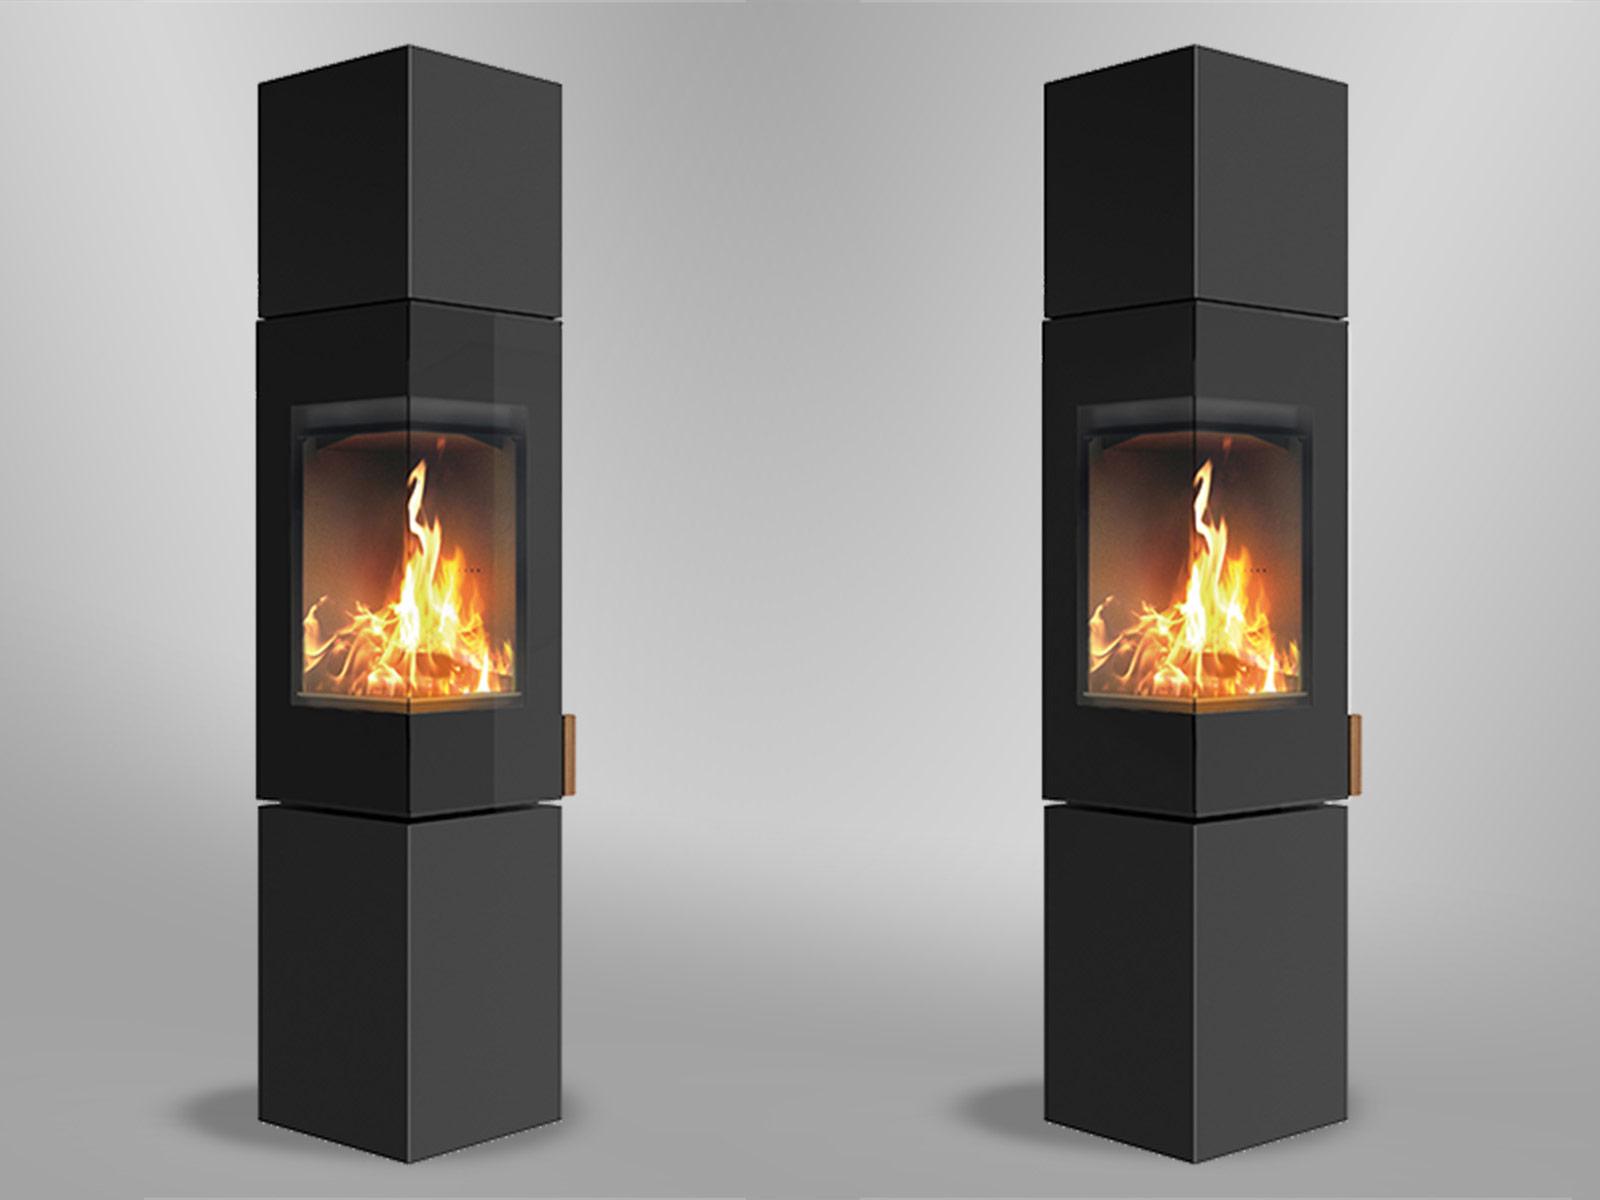 moderne kaminfen beautiful moderner kaminofen gros. Black Bedroom Furniture Sets. Home Design Ideas